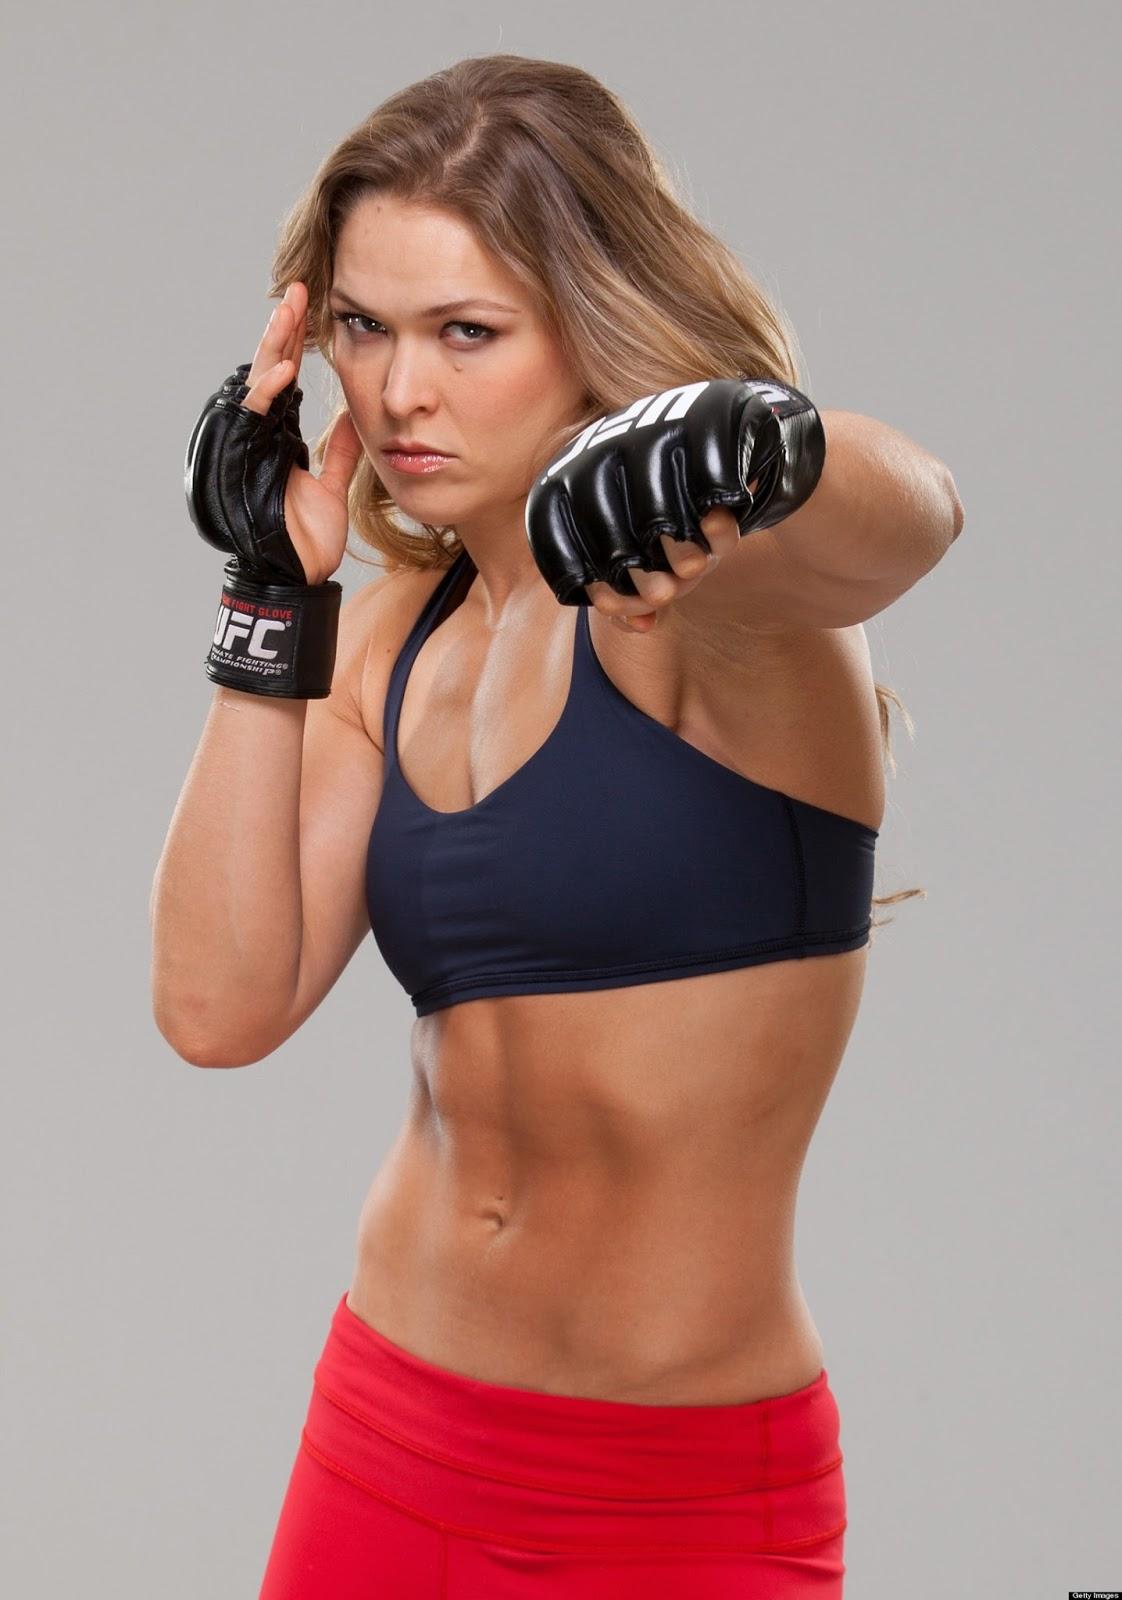 Ronda Rousey butt